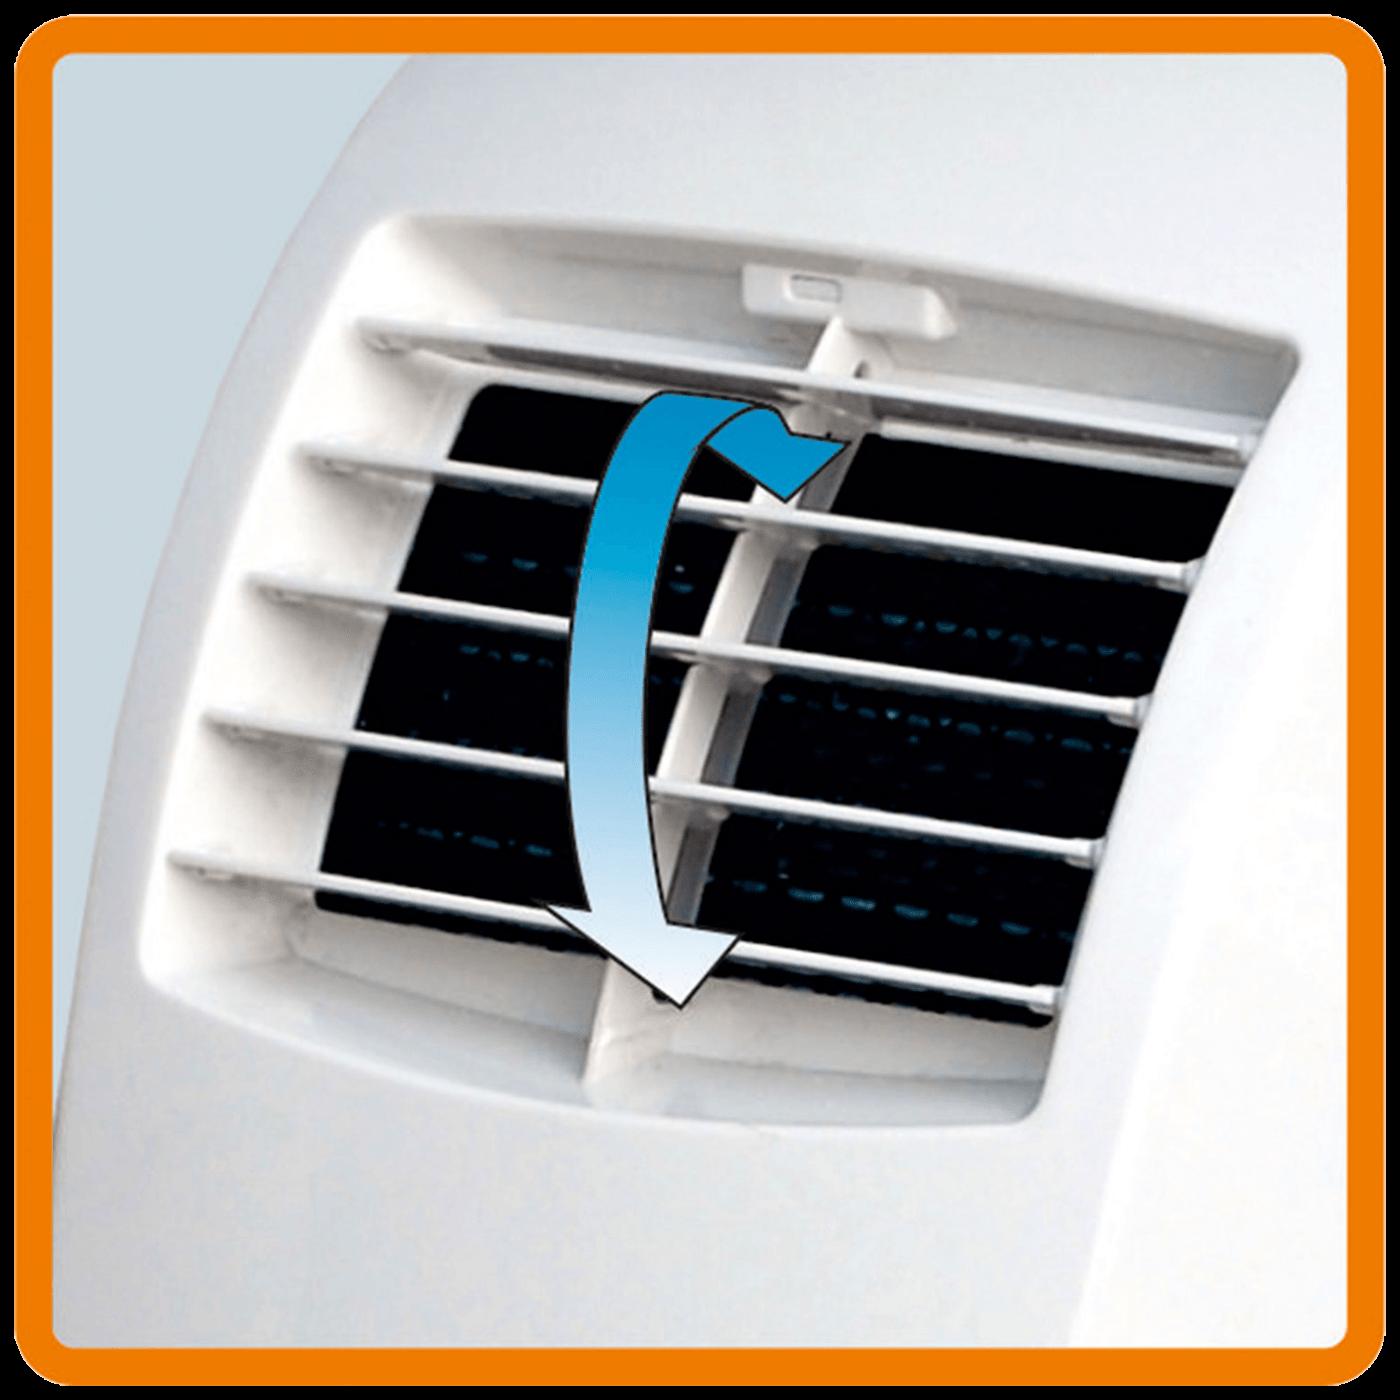 Klima uređaj, mobilni, 2.64 kW, 9000 Btu